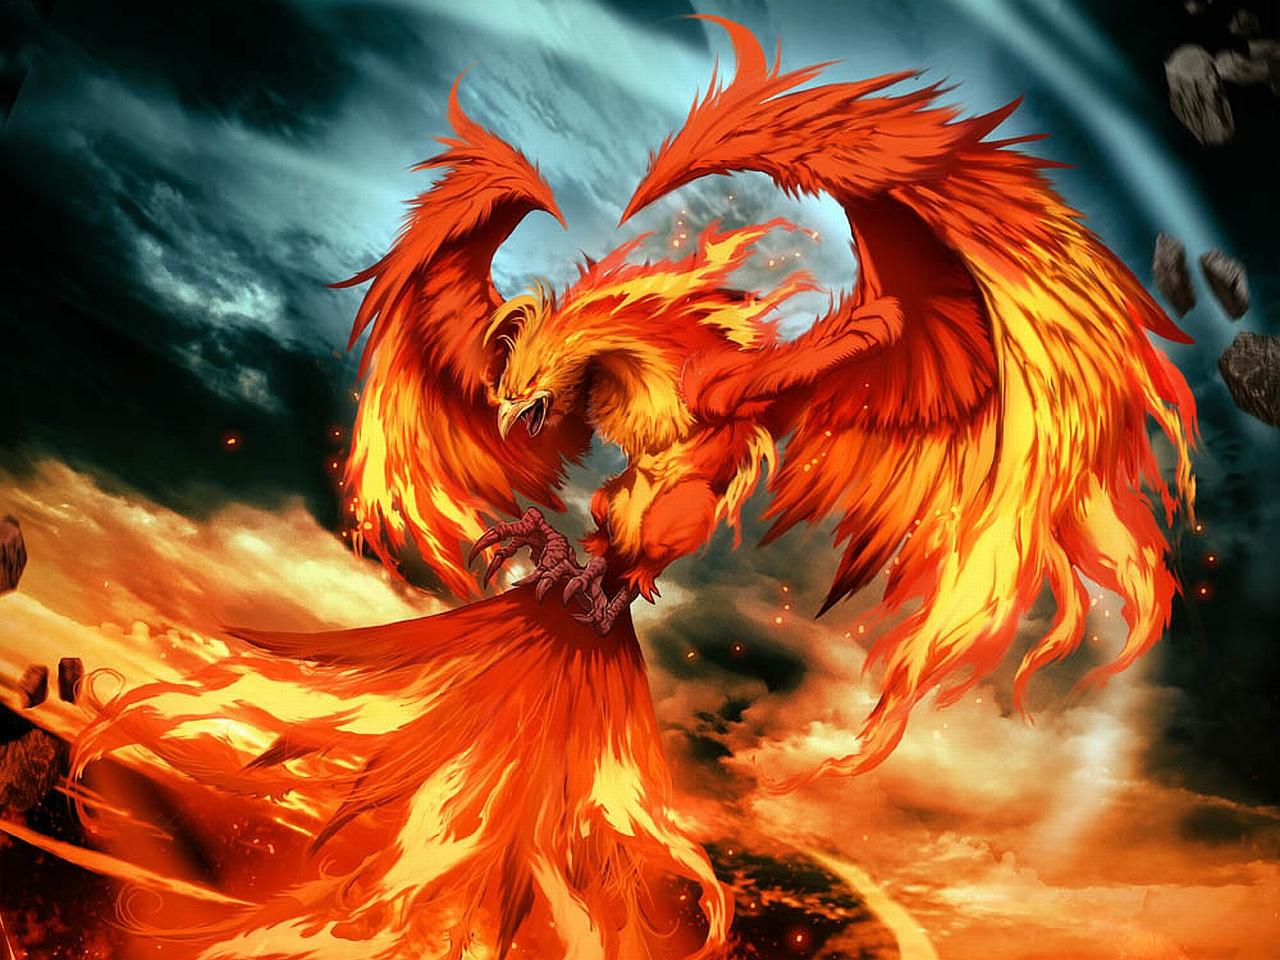 Феникс – символ возрождения и неиссякаемой внутренней силы